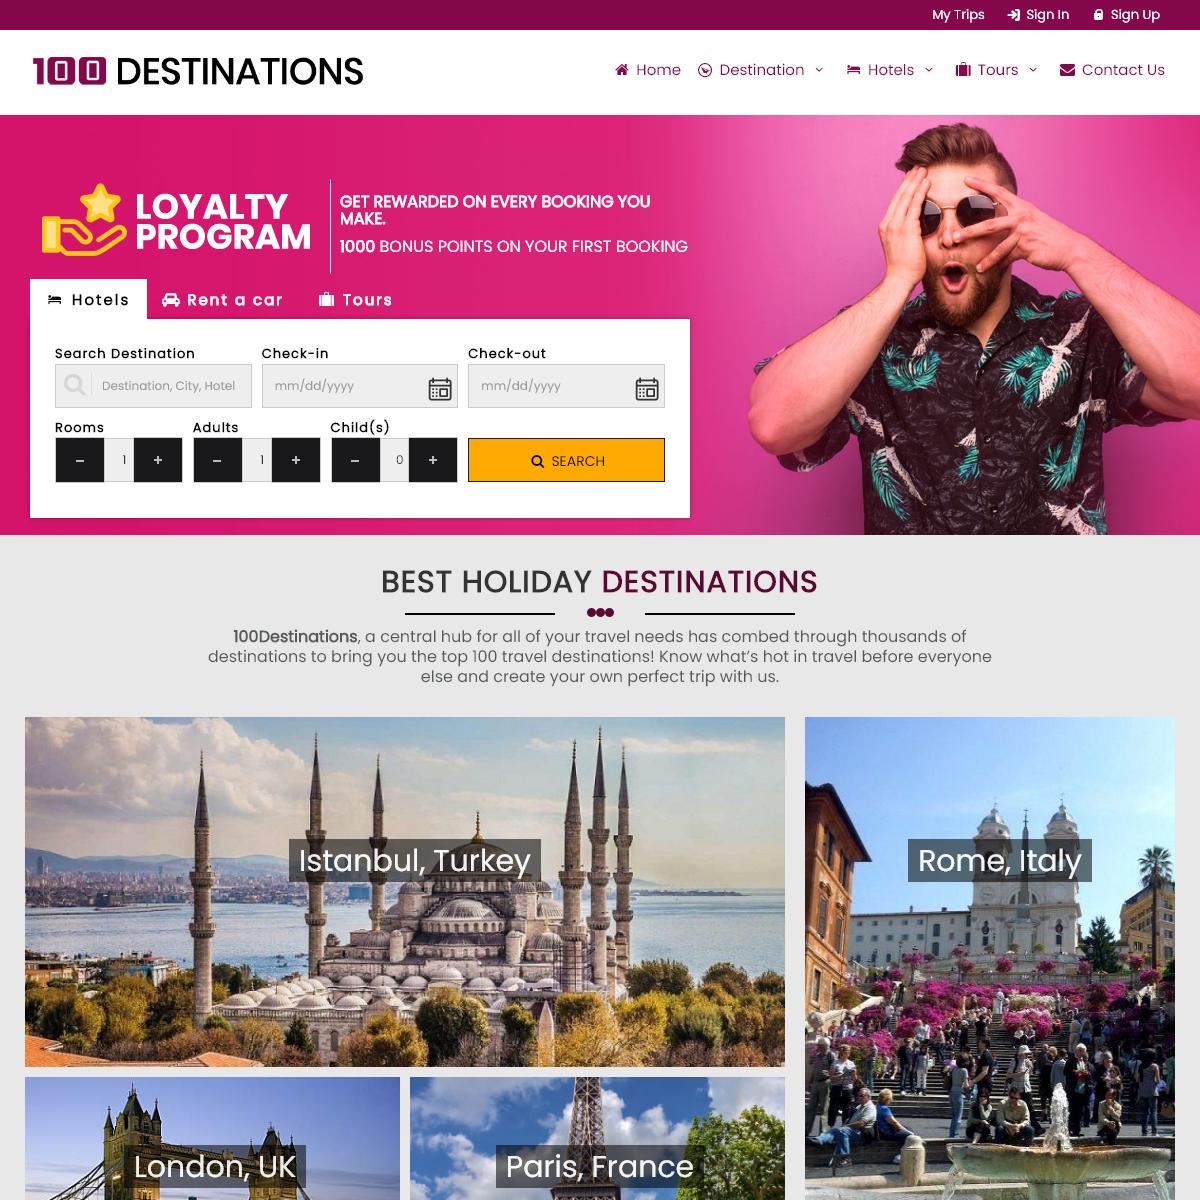 100Destinations.com - Book Hotels, Car Rental, Tours